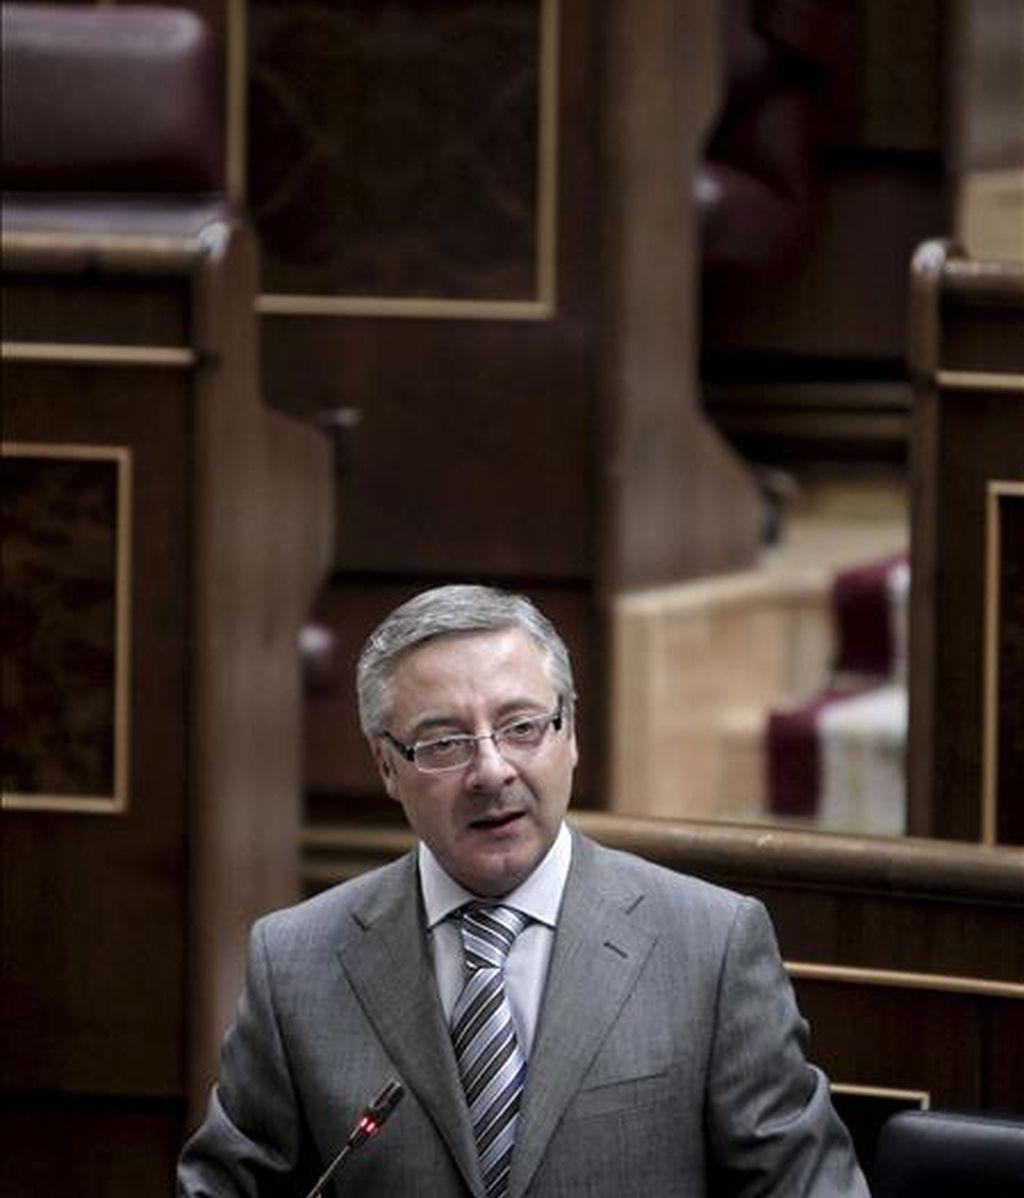 El ministro de Fomento, José Blanco, durante su intervención en la sesión de control al Ejecutivo celebrada hoy en el Congreso de los Diputados. EFE